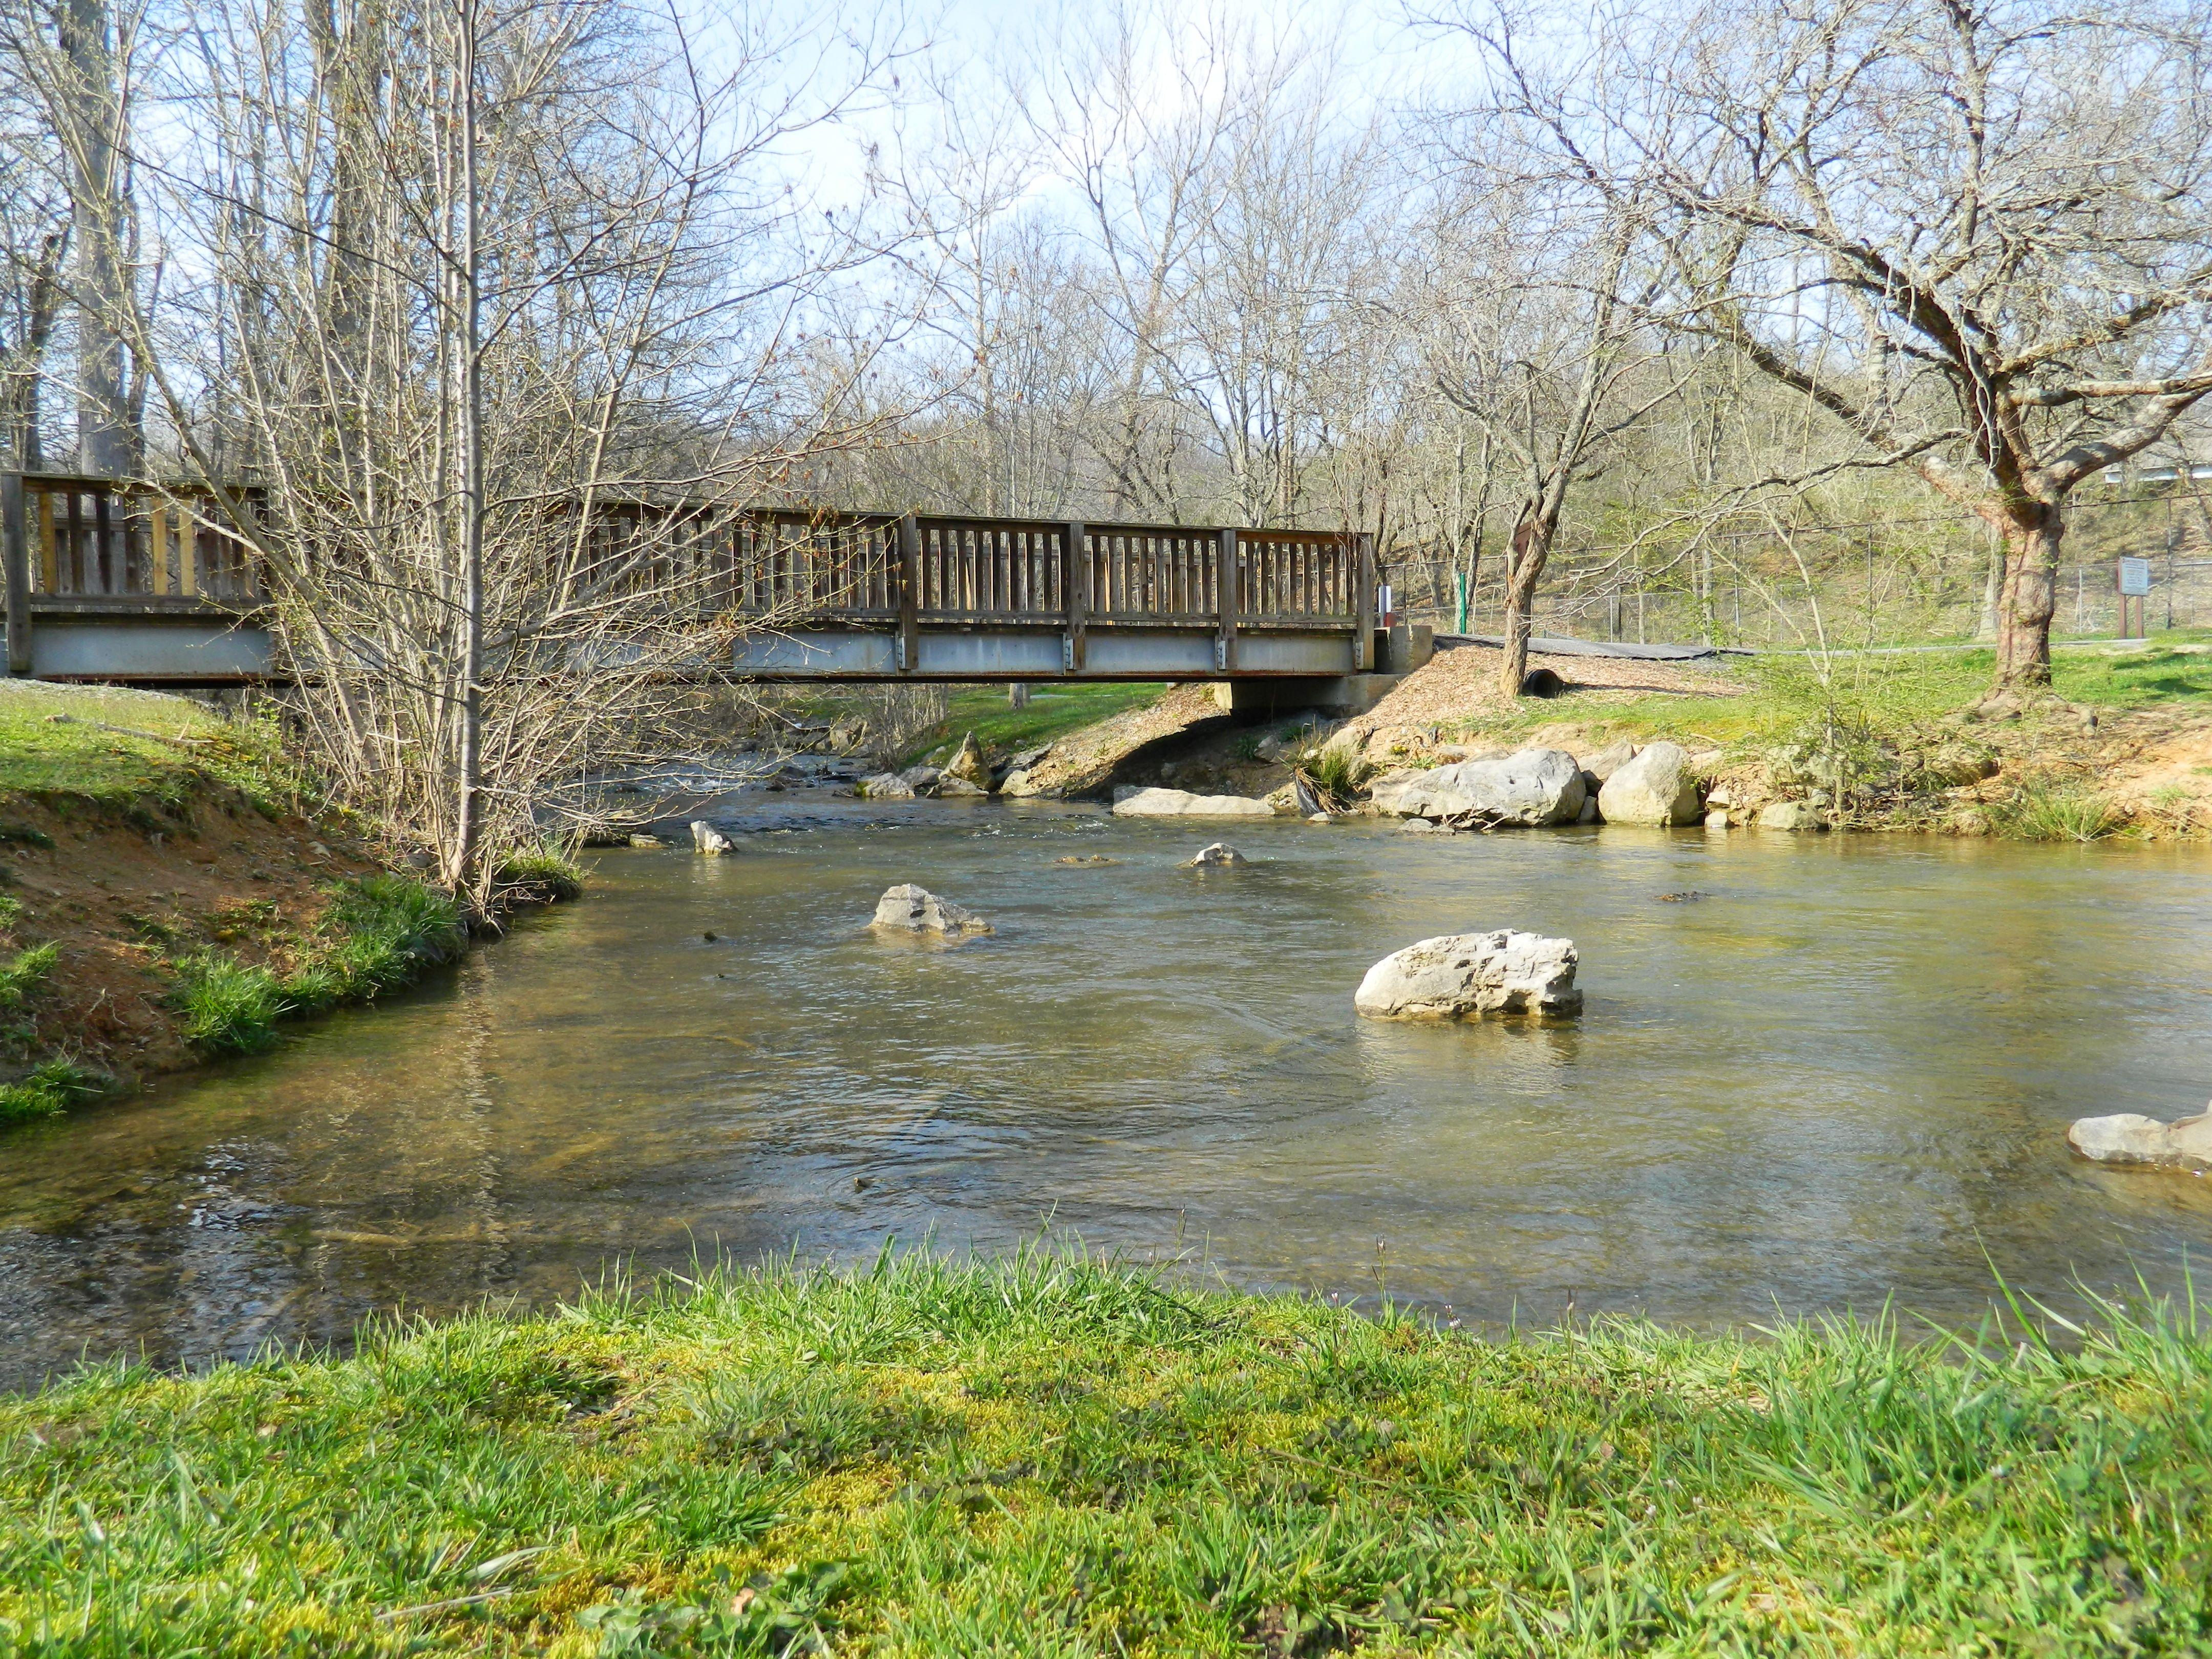 Steele Creek Park Bristol Tennessee Steele Creek Park Bristol